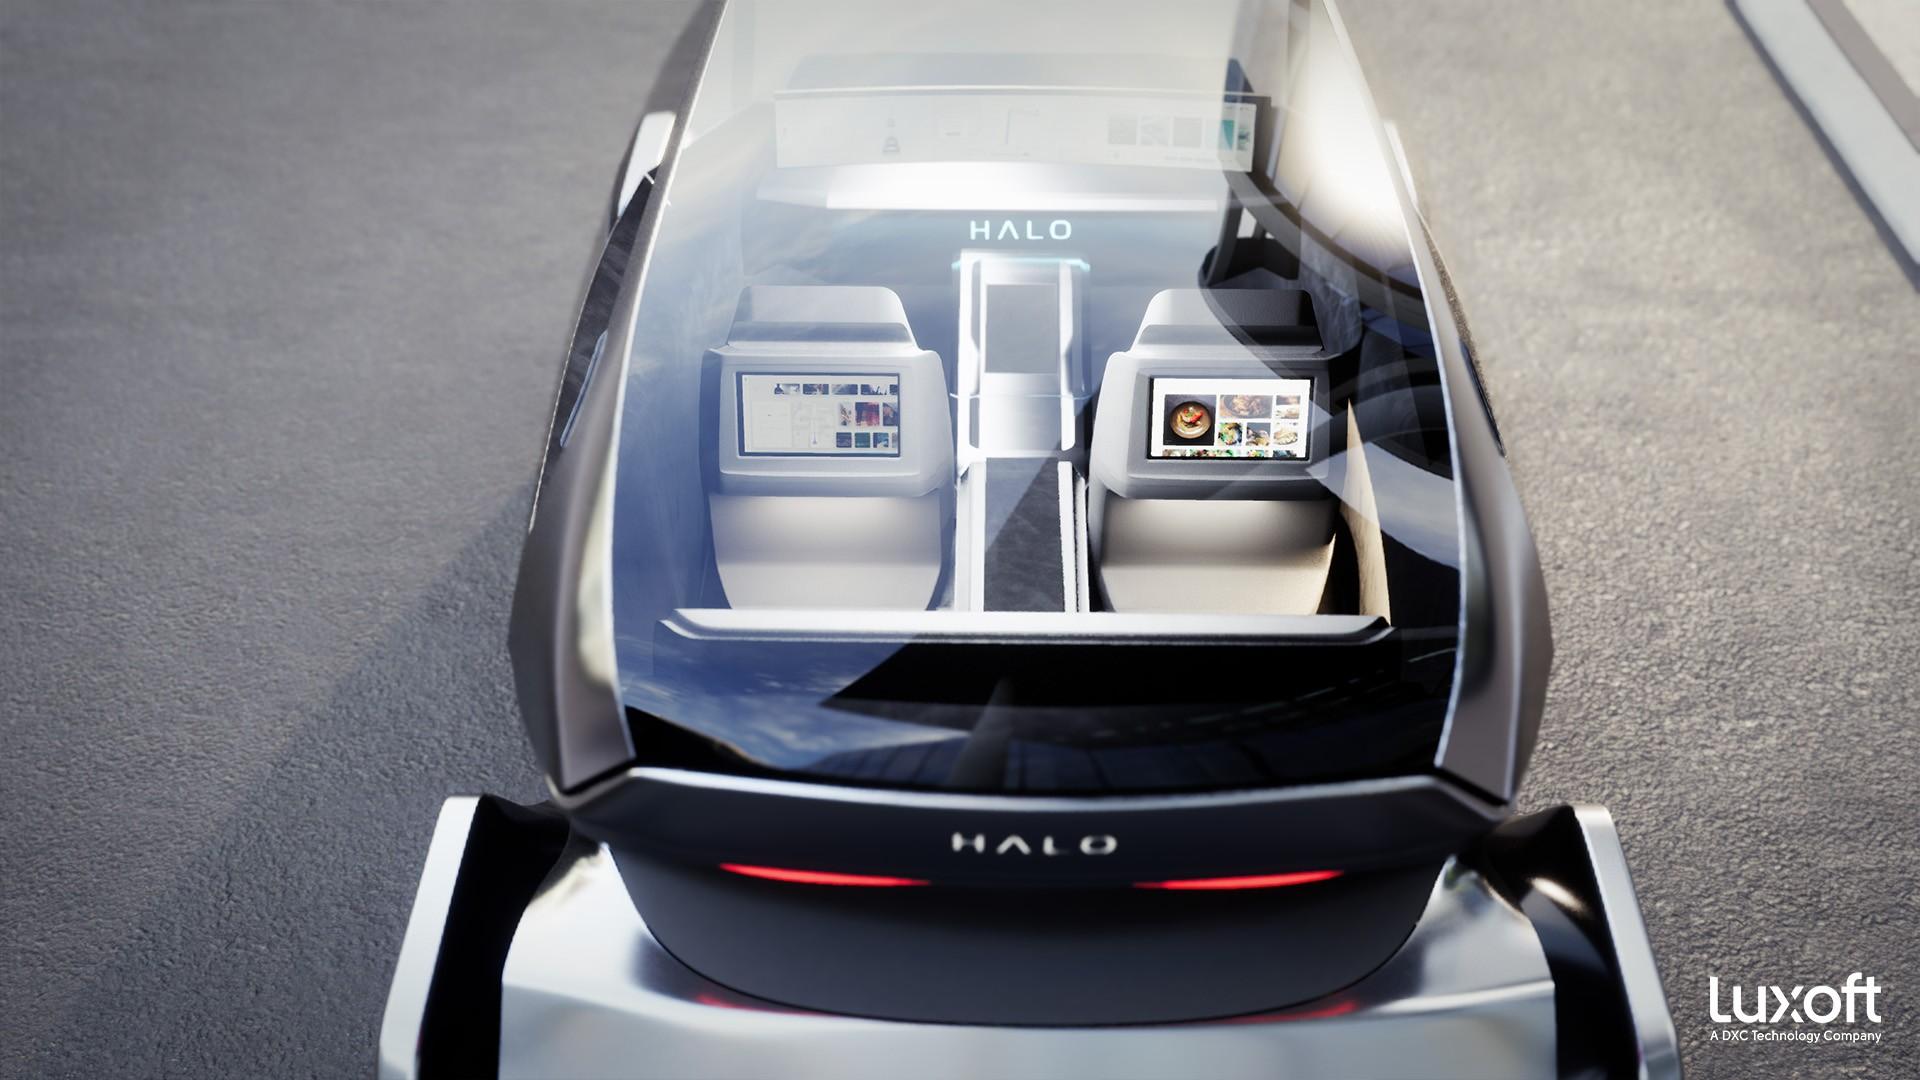 Luxoft HALO Concept (1)